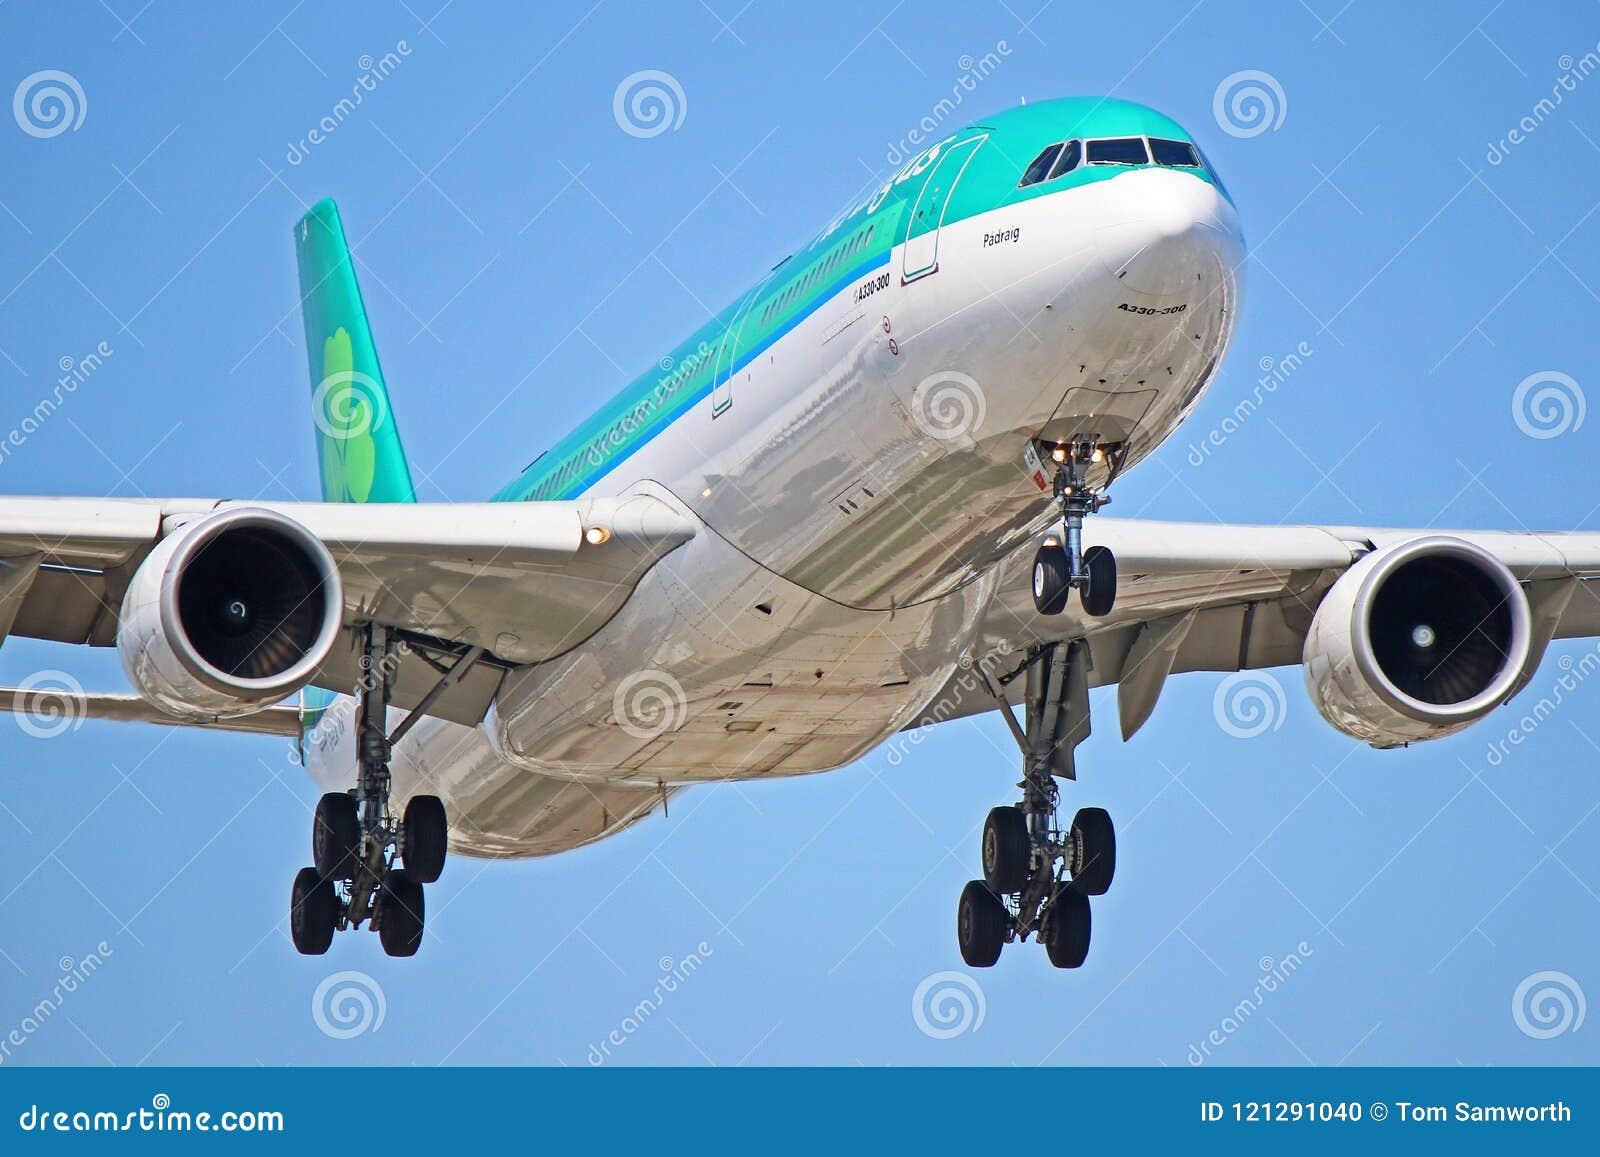 EI-ELA: Aer Lingus Airbus A330-300